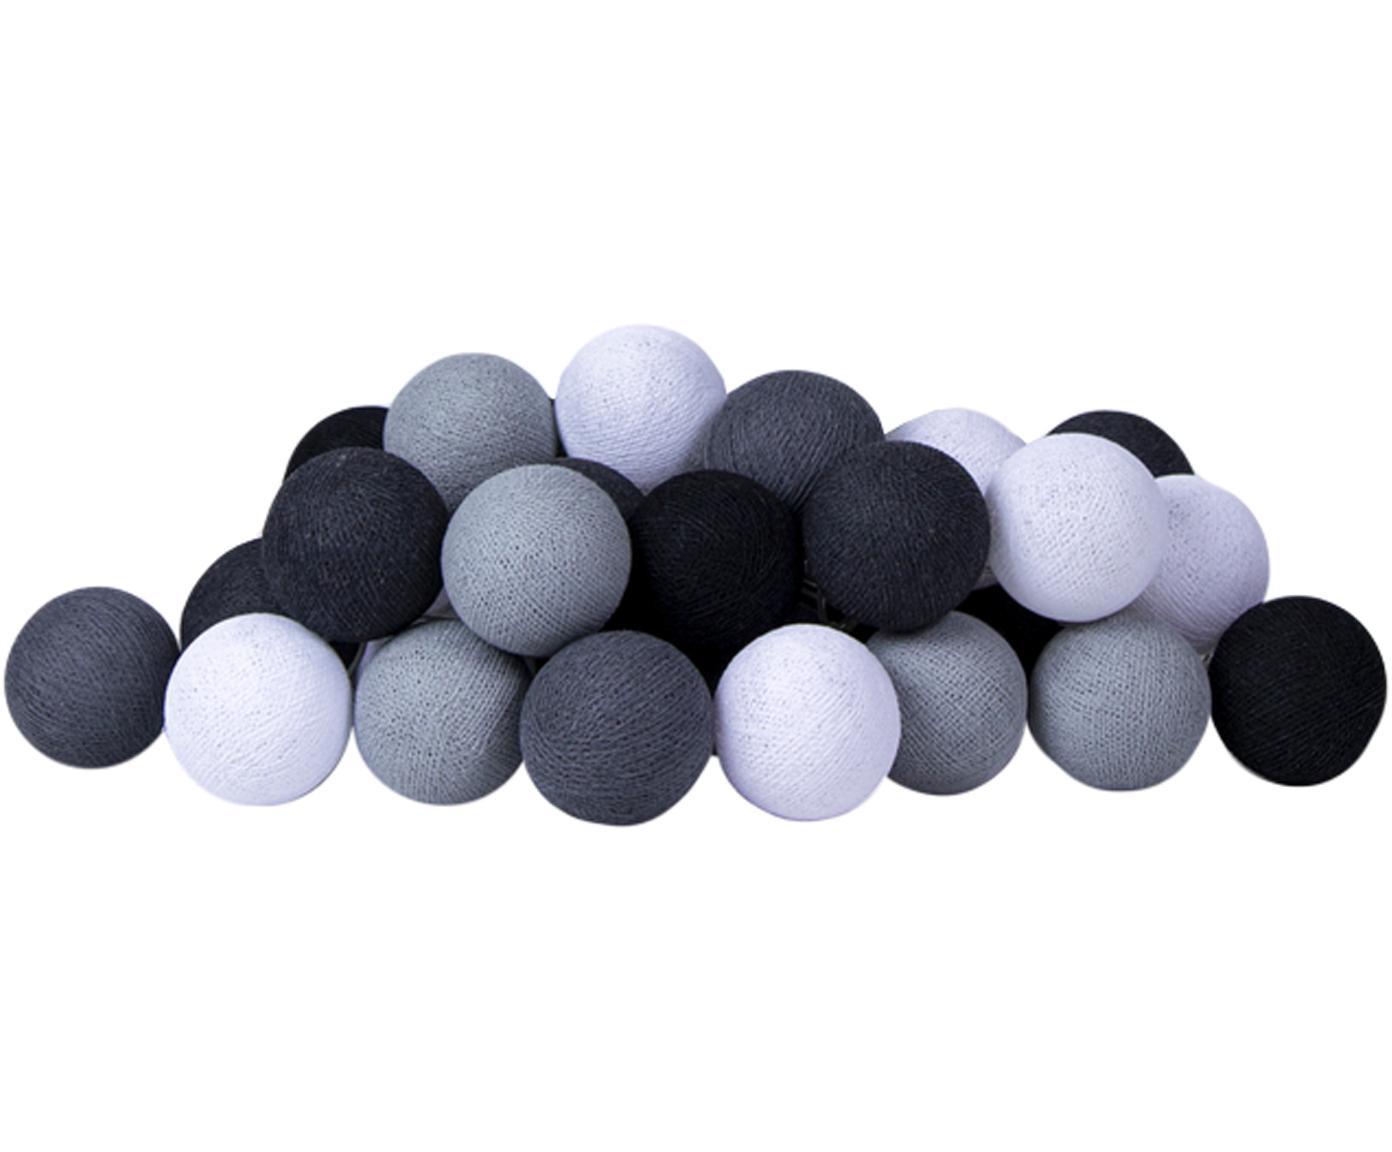 LED Lichterkette Colorain, Lampions: Polyester, Schwarz, Grautöne, Weiß, L 264 cm